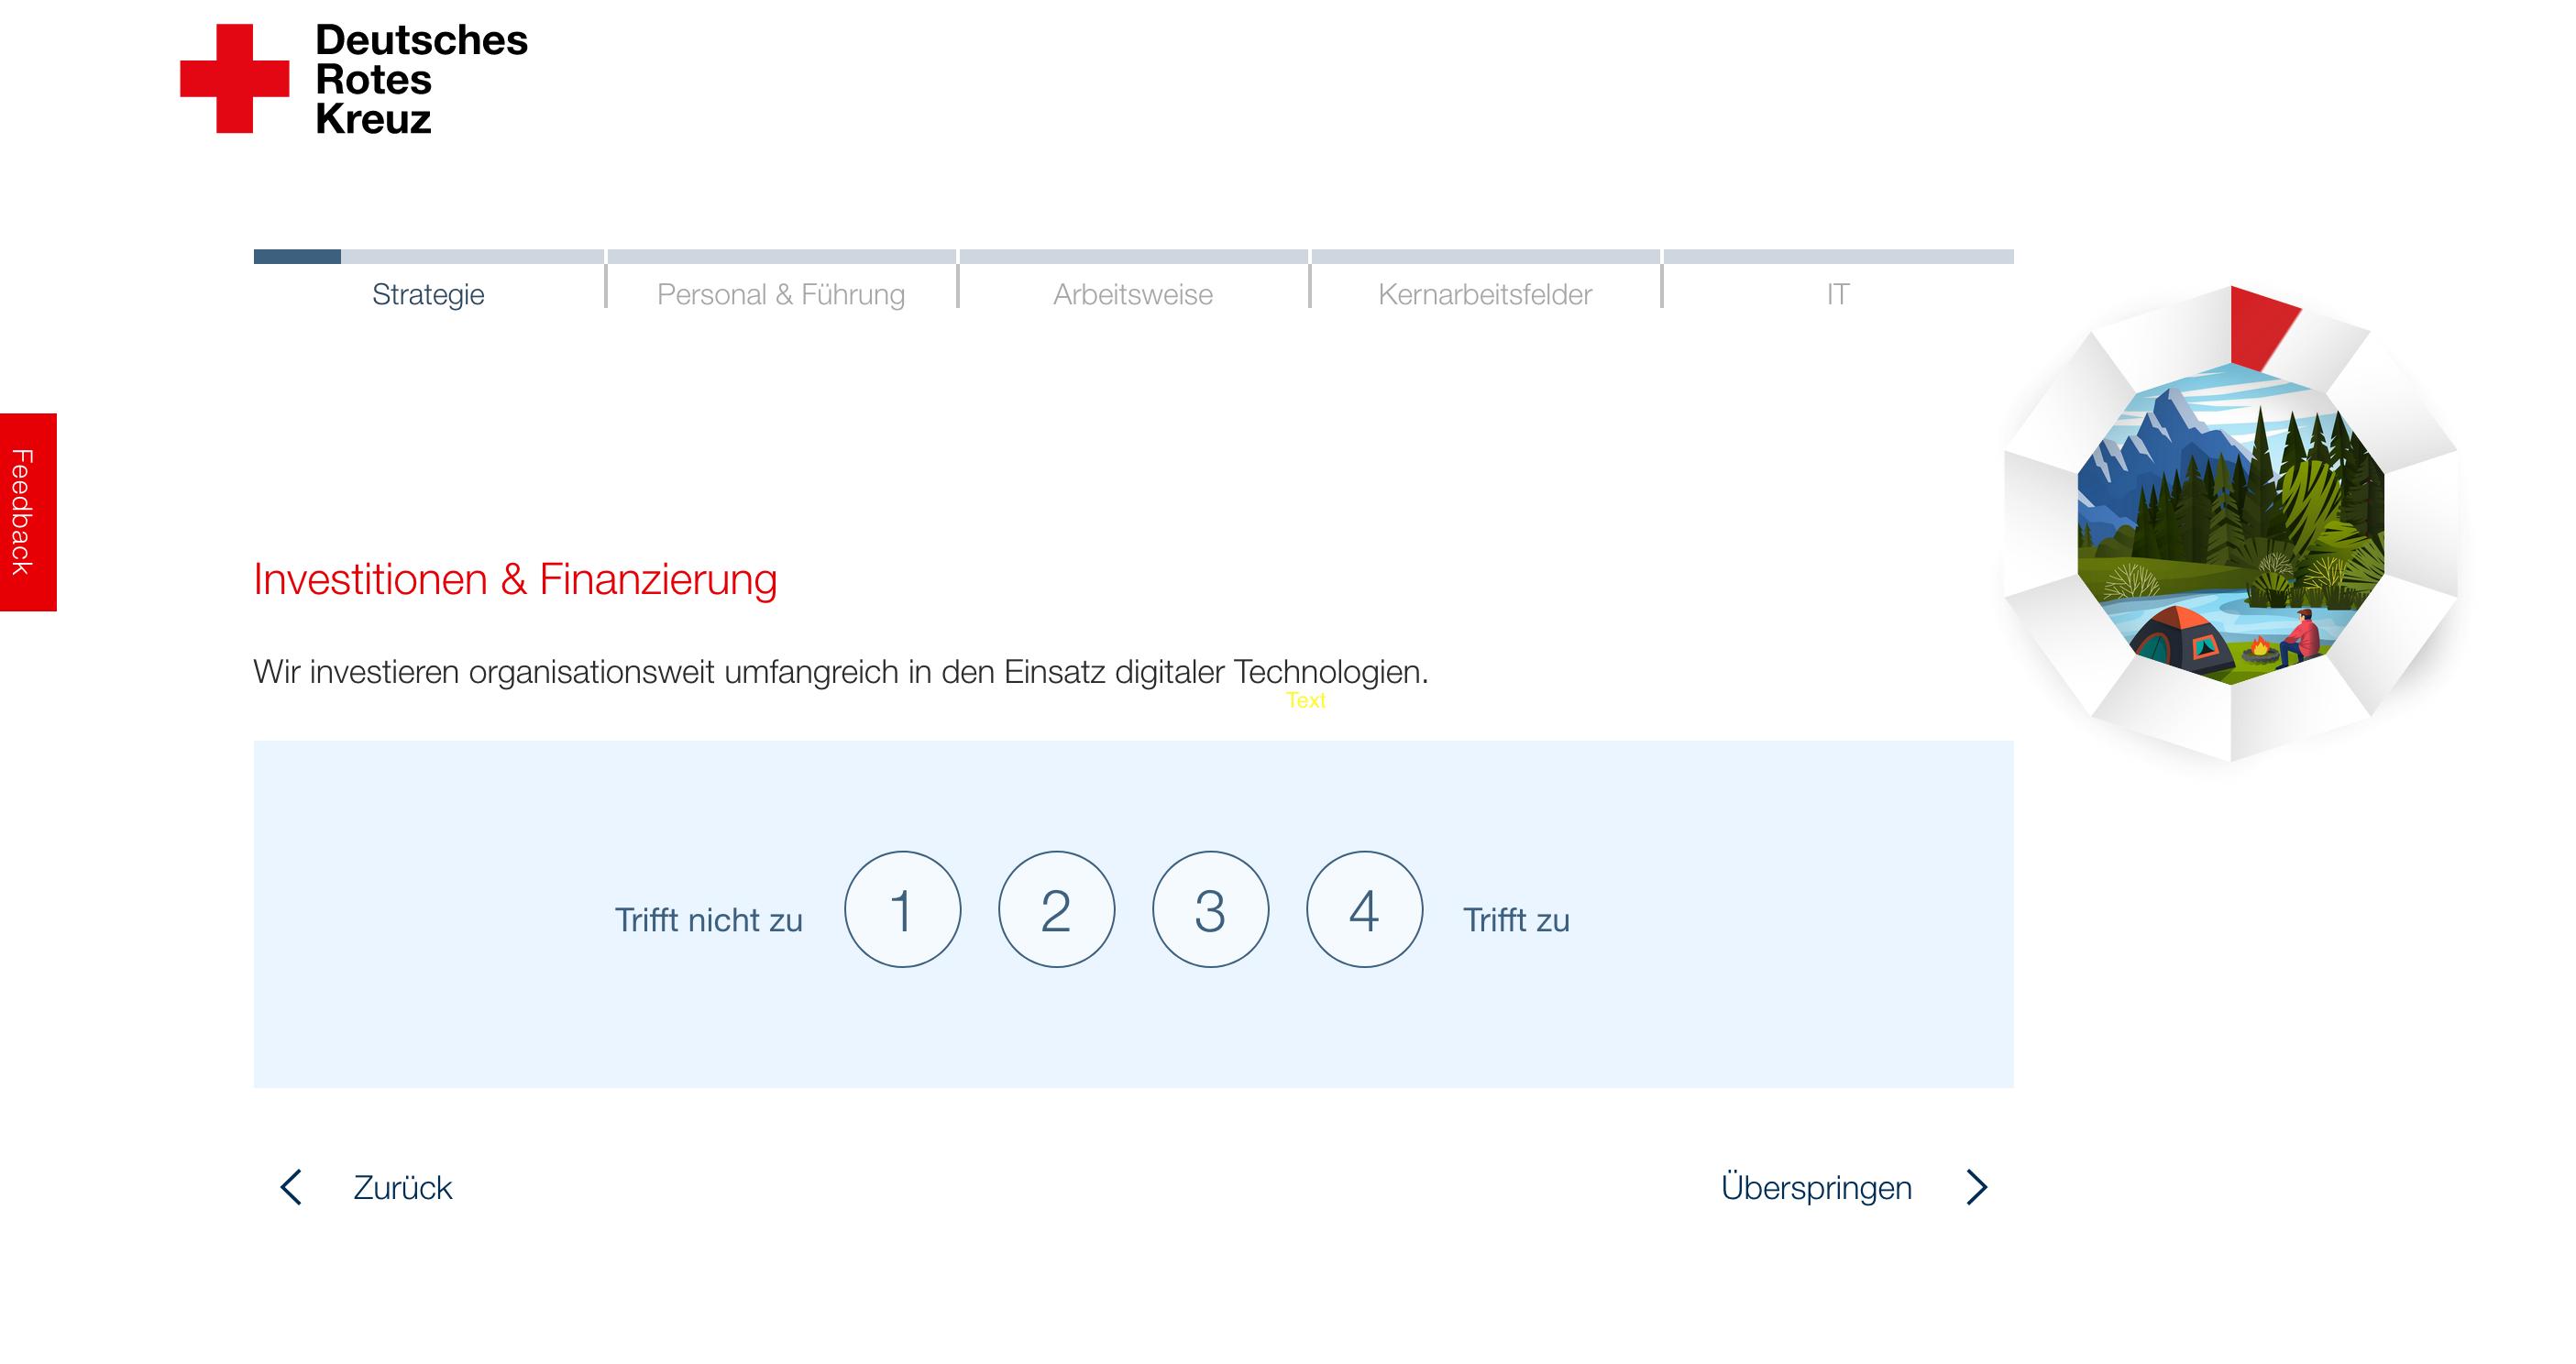 Ein Screenshot vom Digitalcheck. Die Abfrage fragt, welche Investitionen man in die Digitalisierung tätigt.